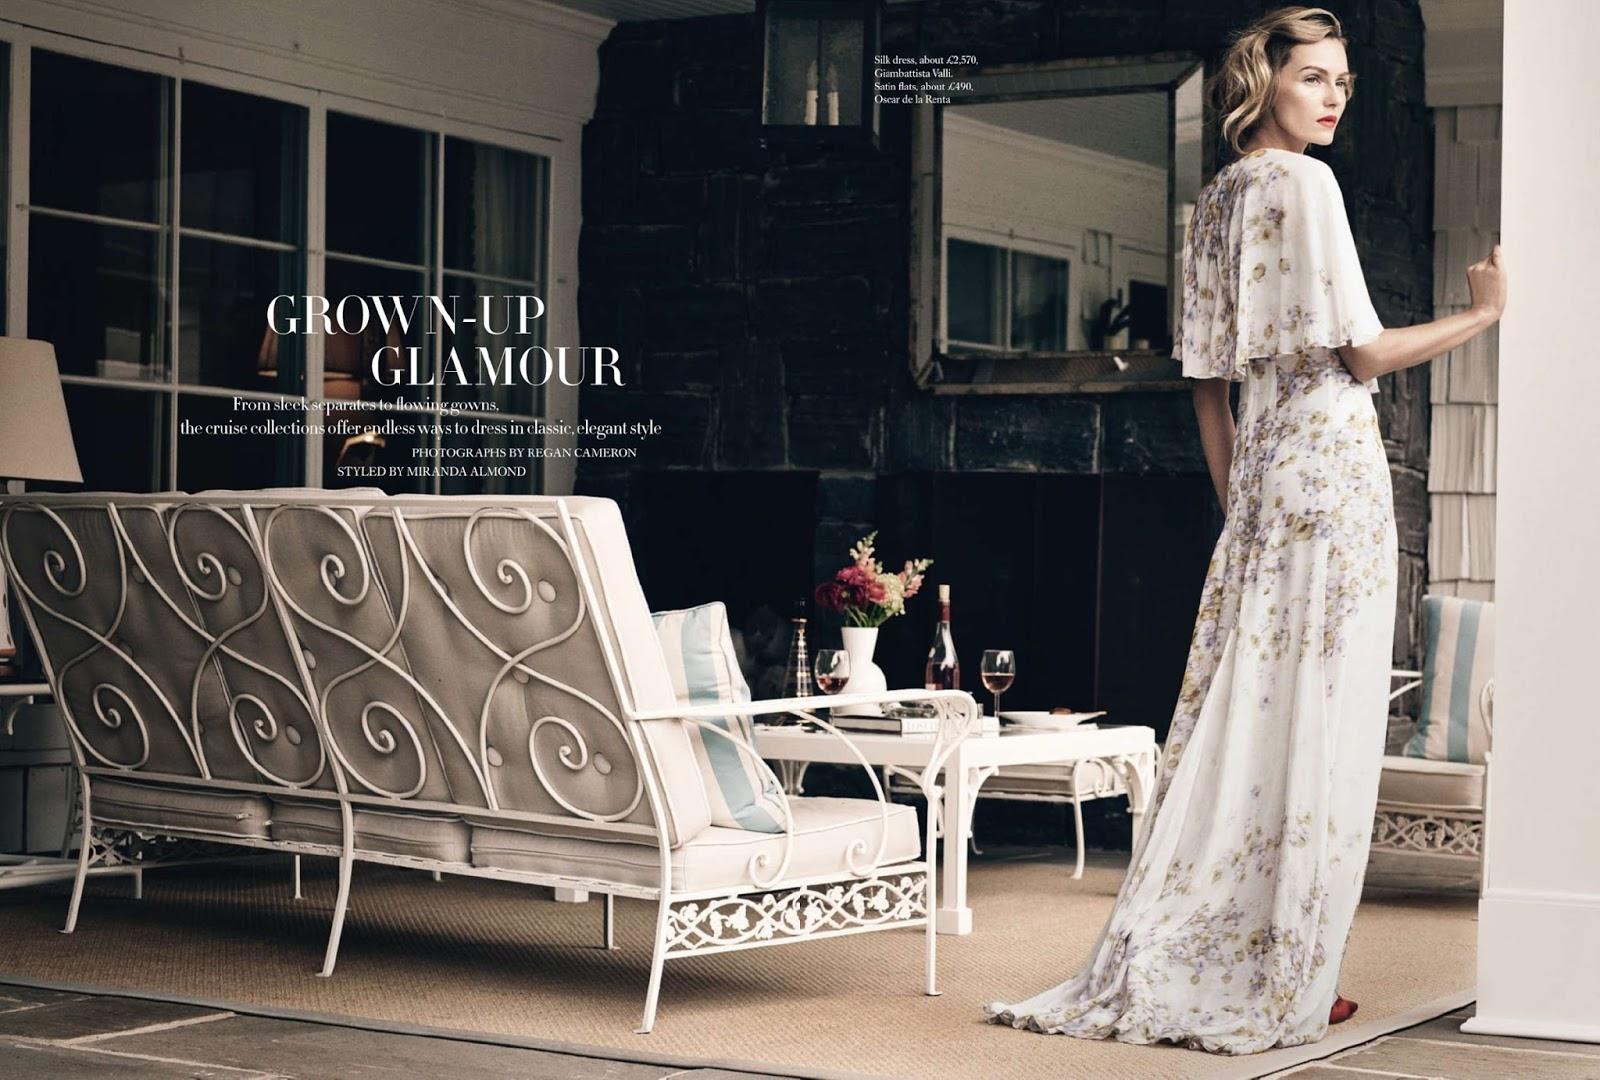 Valentina-Zelyaeva-by-Regan-Cameron-for-Harpers-Bazaar-UK-January-2015.jpg